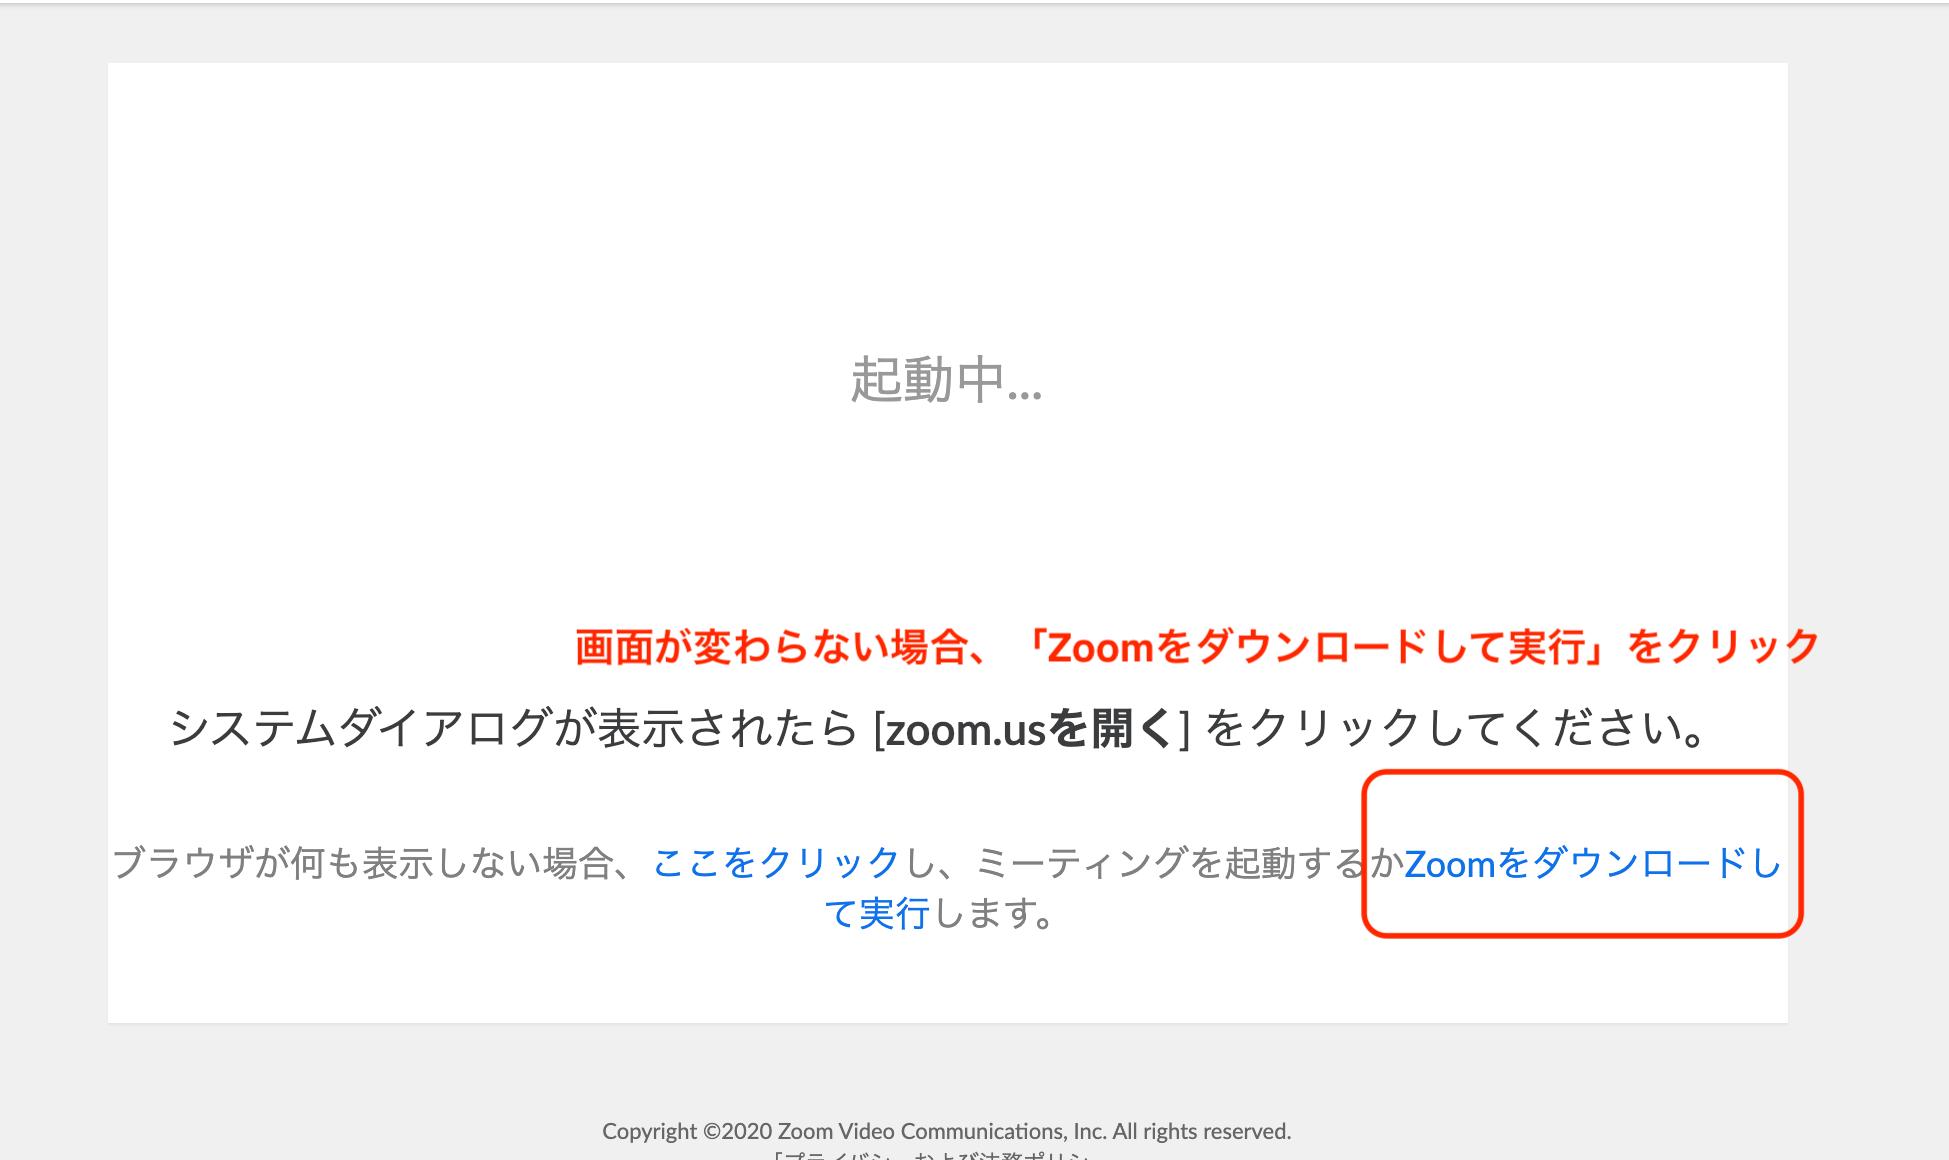 スクリーンショット 2020-04-04 20.11.02.png